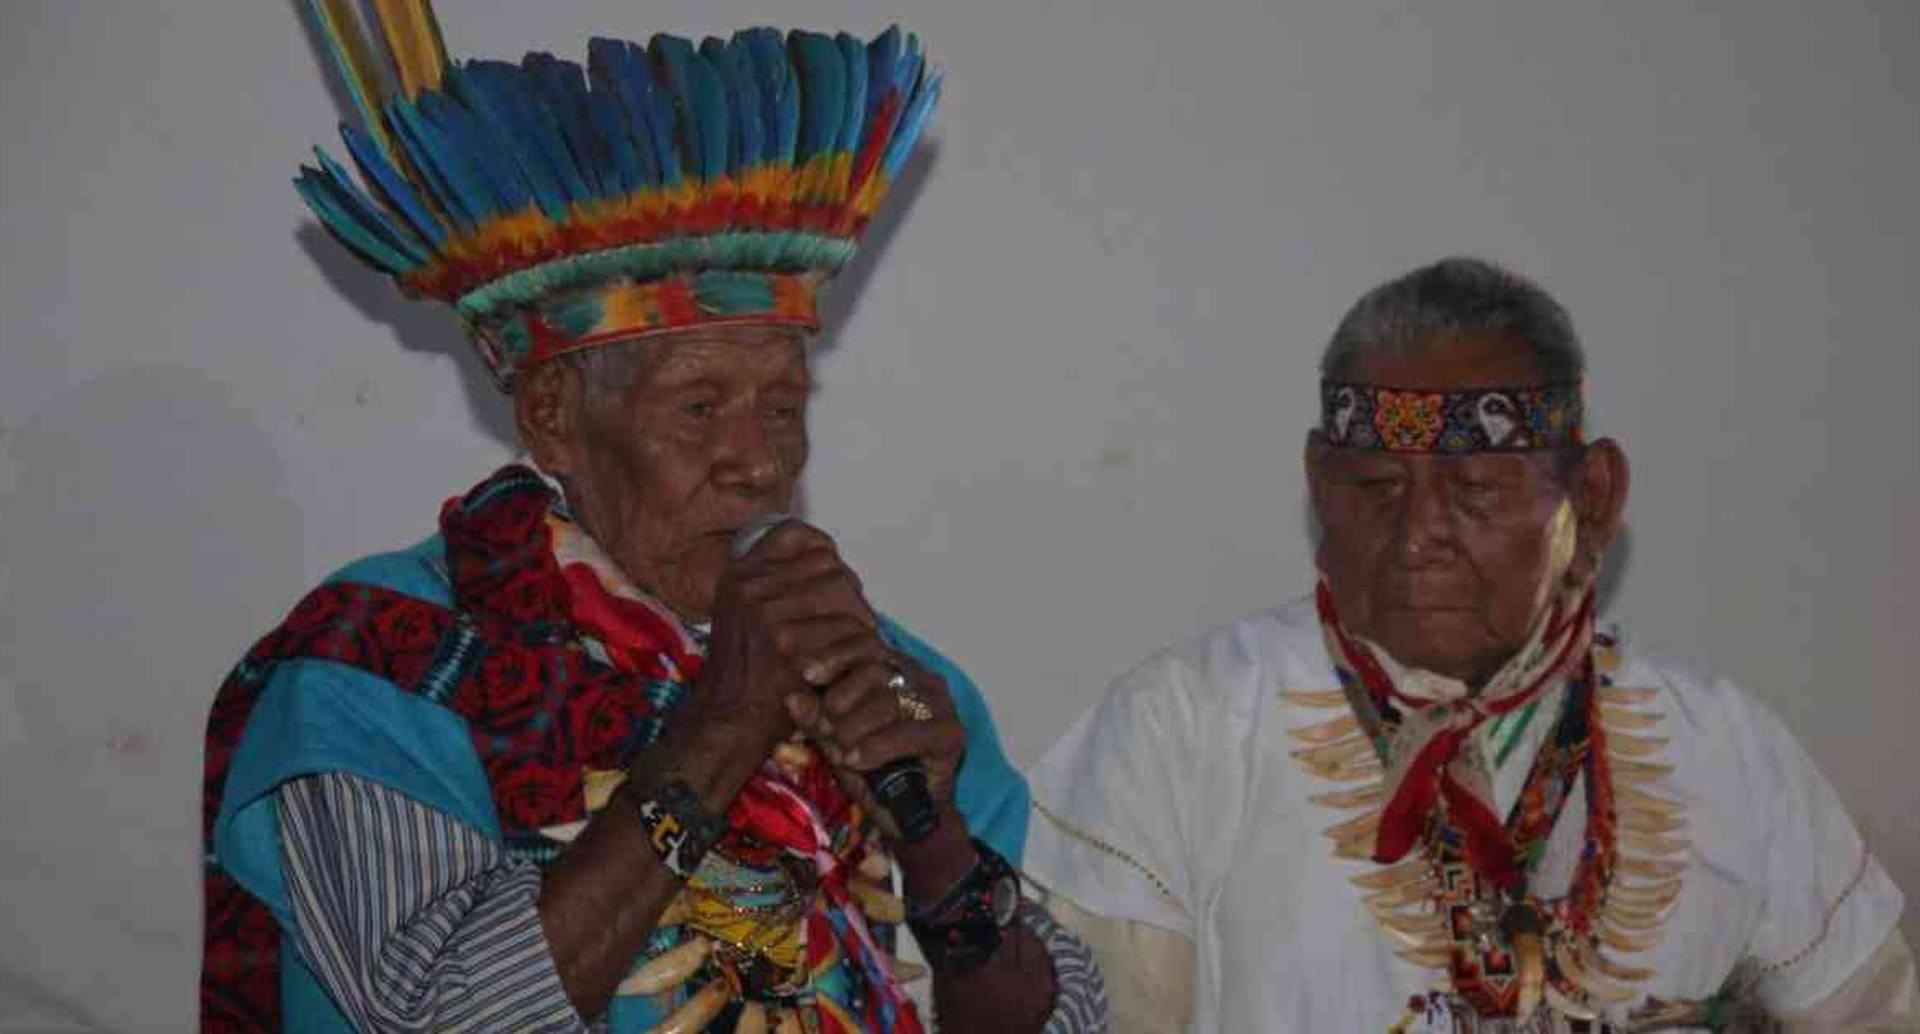 Los taitas indígenas fueron los encargados de realizar el ritual de apertura del Ficamazonía, en Mocoa, la noche de este jueves. Foto: Ficamazonía